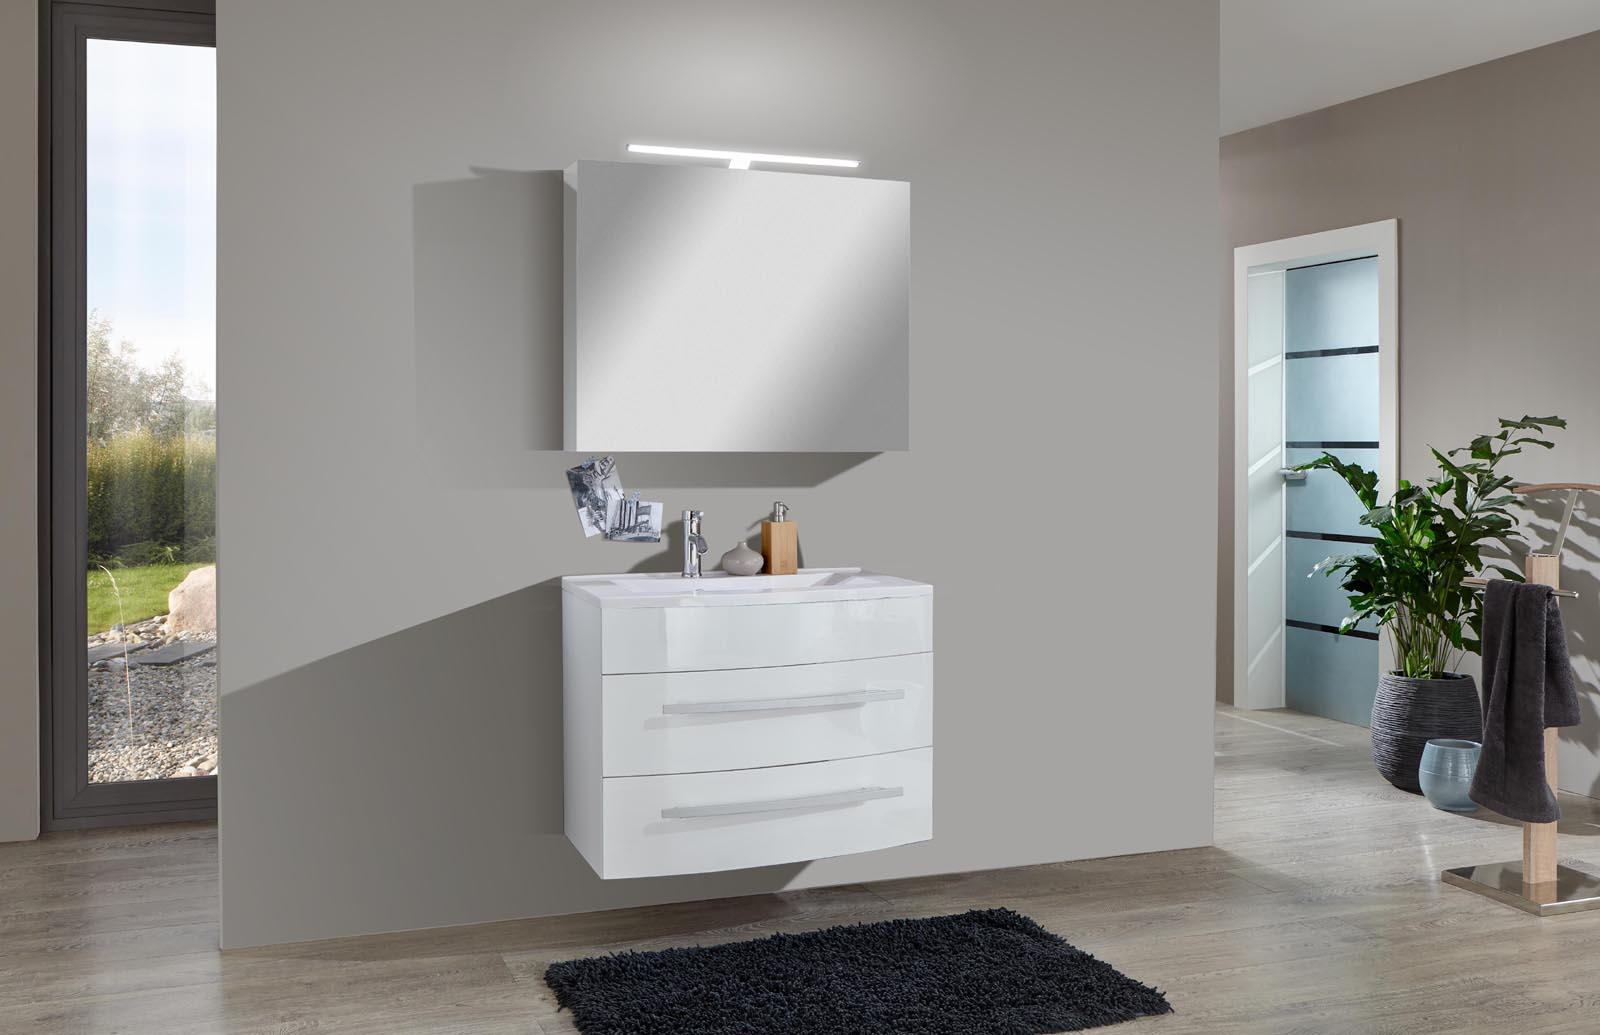 sam 2tlg badezimmer set hochglanz wei 70cm genf deluxe auf lager. Black Bedroom Furniture Sets. Home Design Ideas